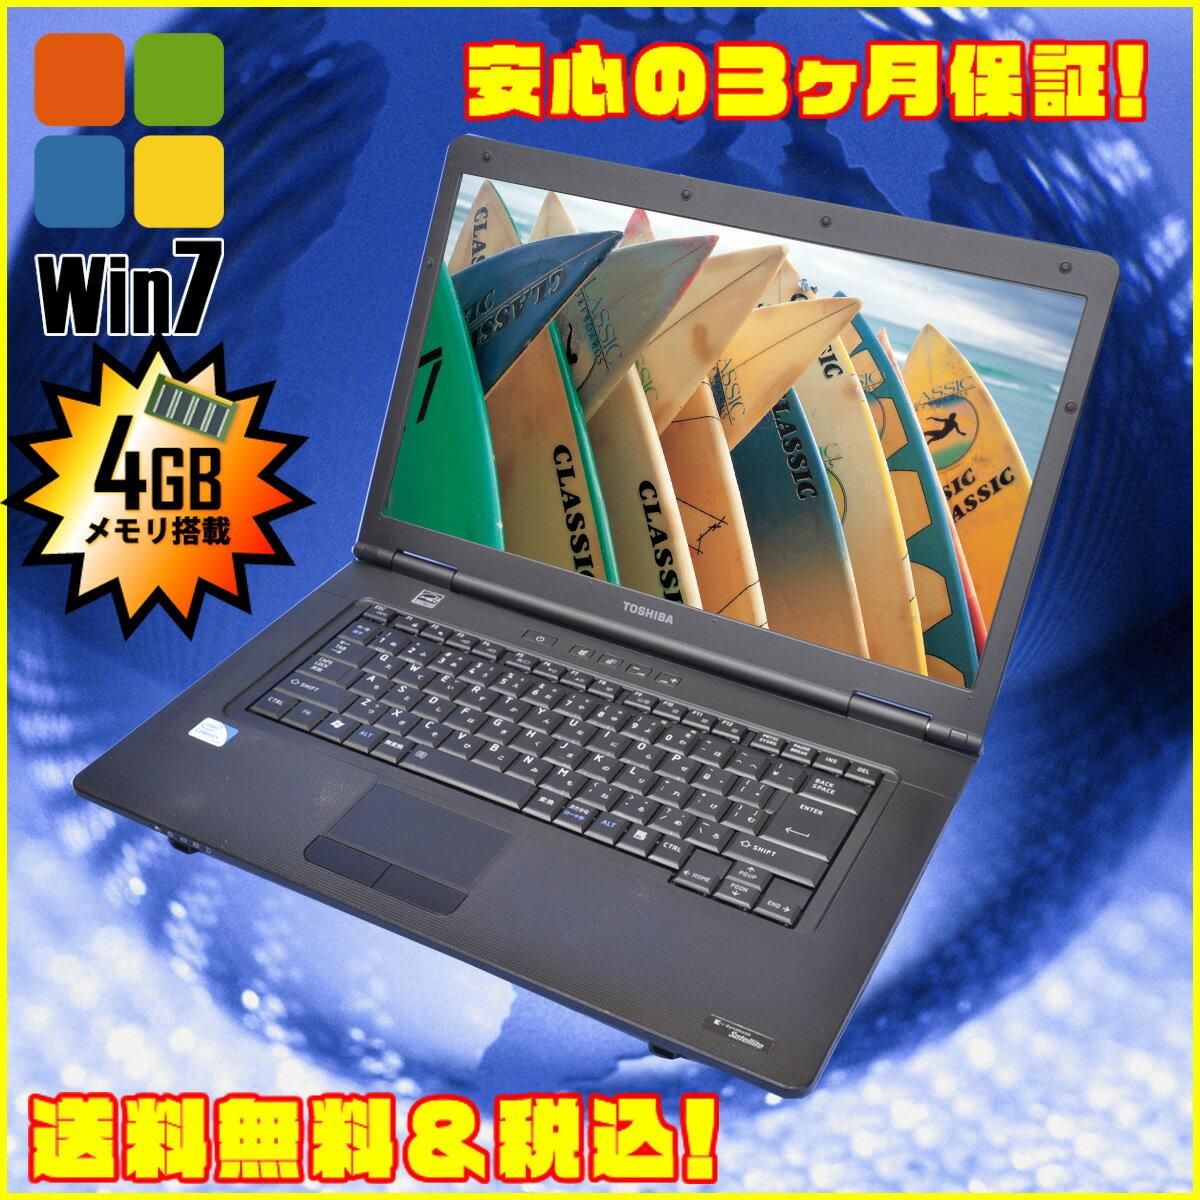 中古パソコン Windows7-Pro! 東芝 TOSHIBA dynabook Satellite B551/C 【中古】 Core i5-2410M搭載 無線LAN&DVDスーパーマルチ搭載 Winodws7-Proセットアップ済み MicroSoft Office 2007 付き【中古ノートパソコン】【Windows7】